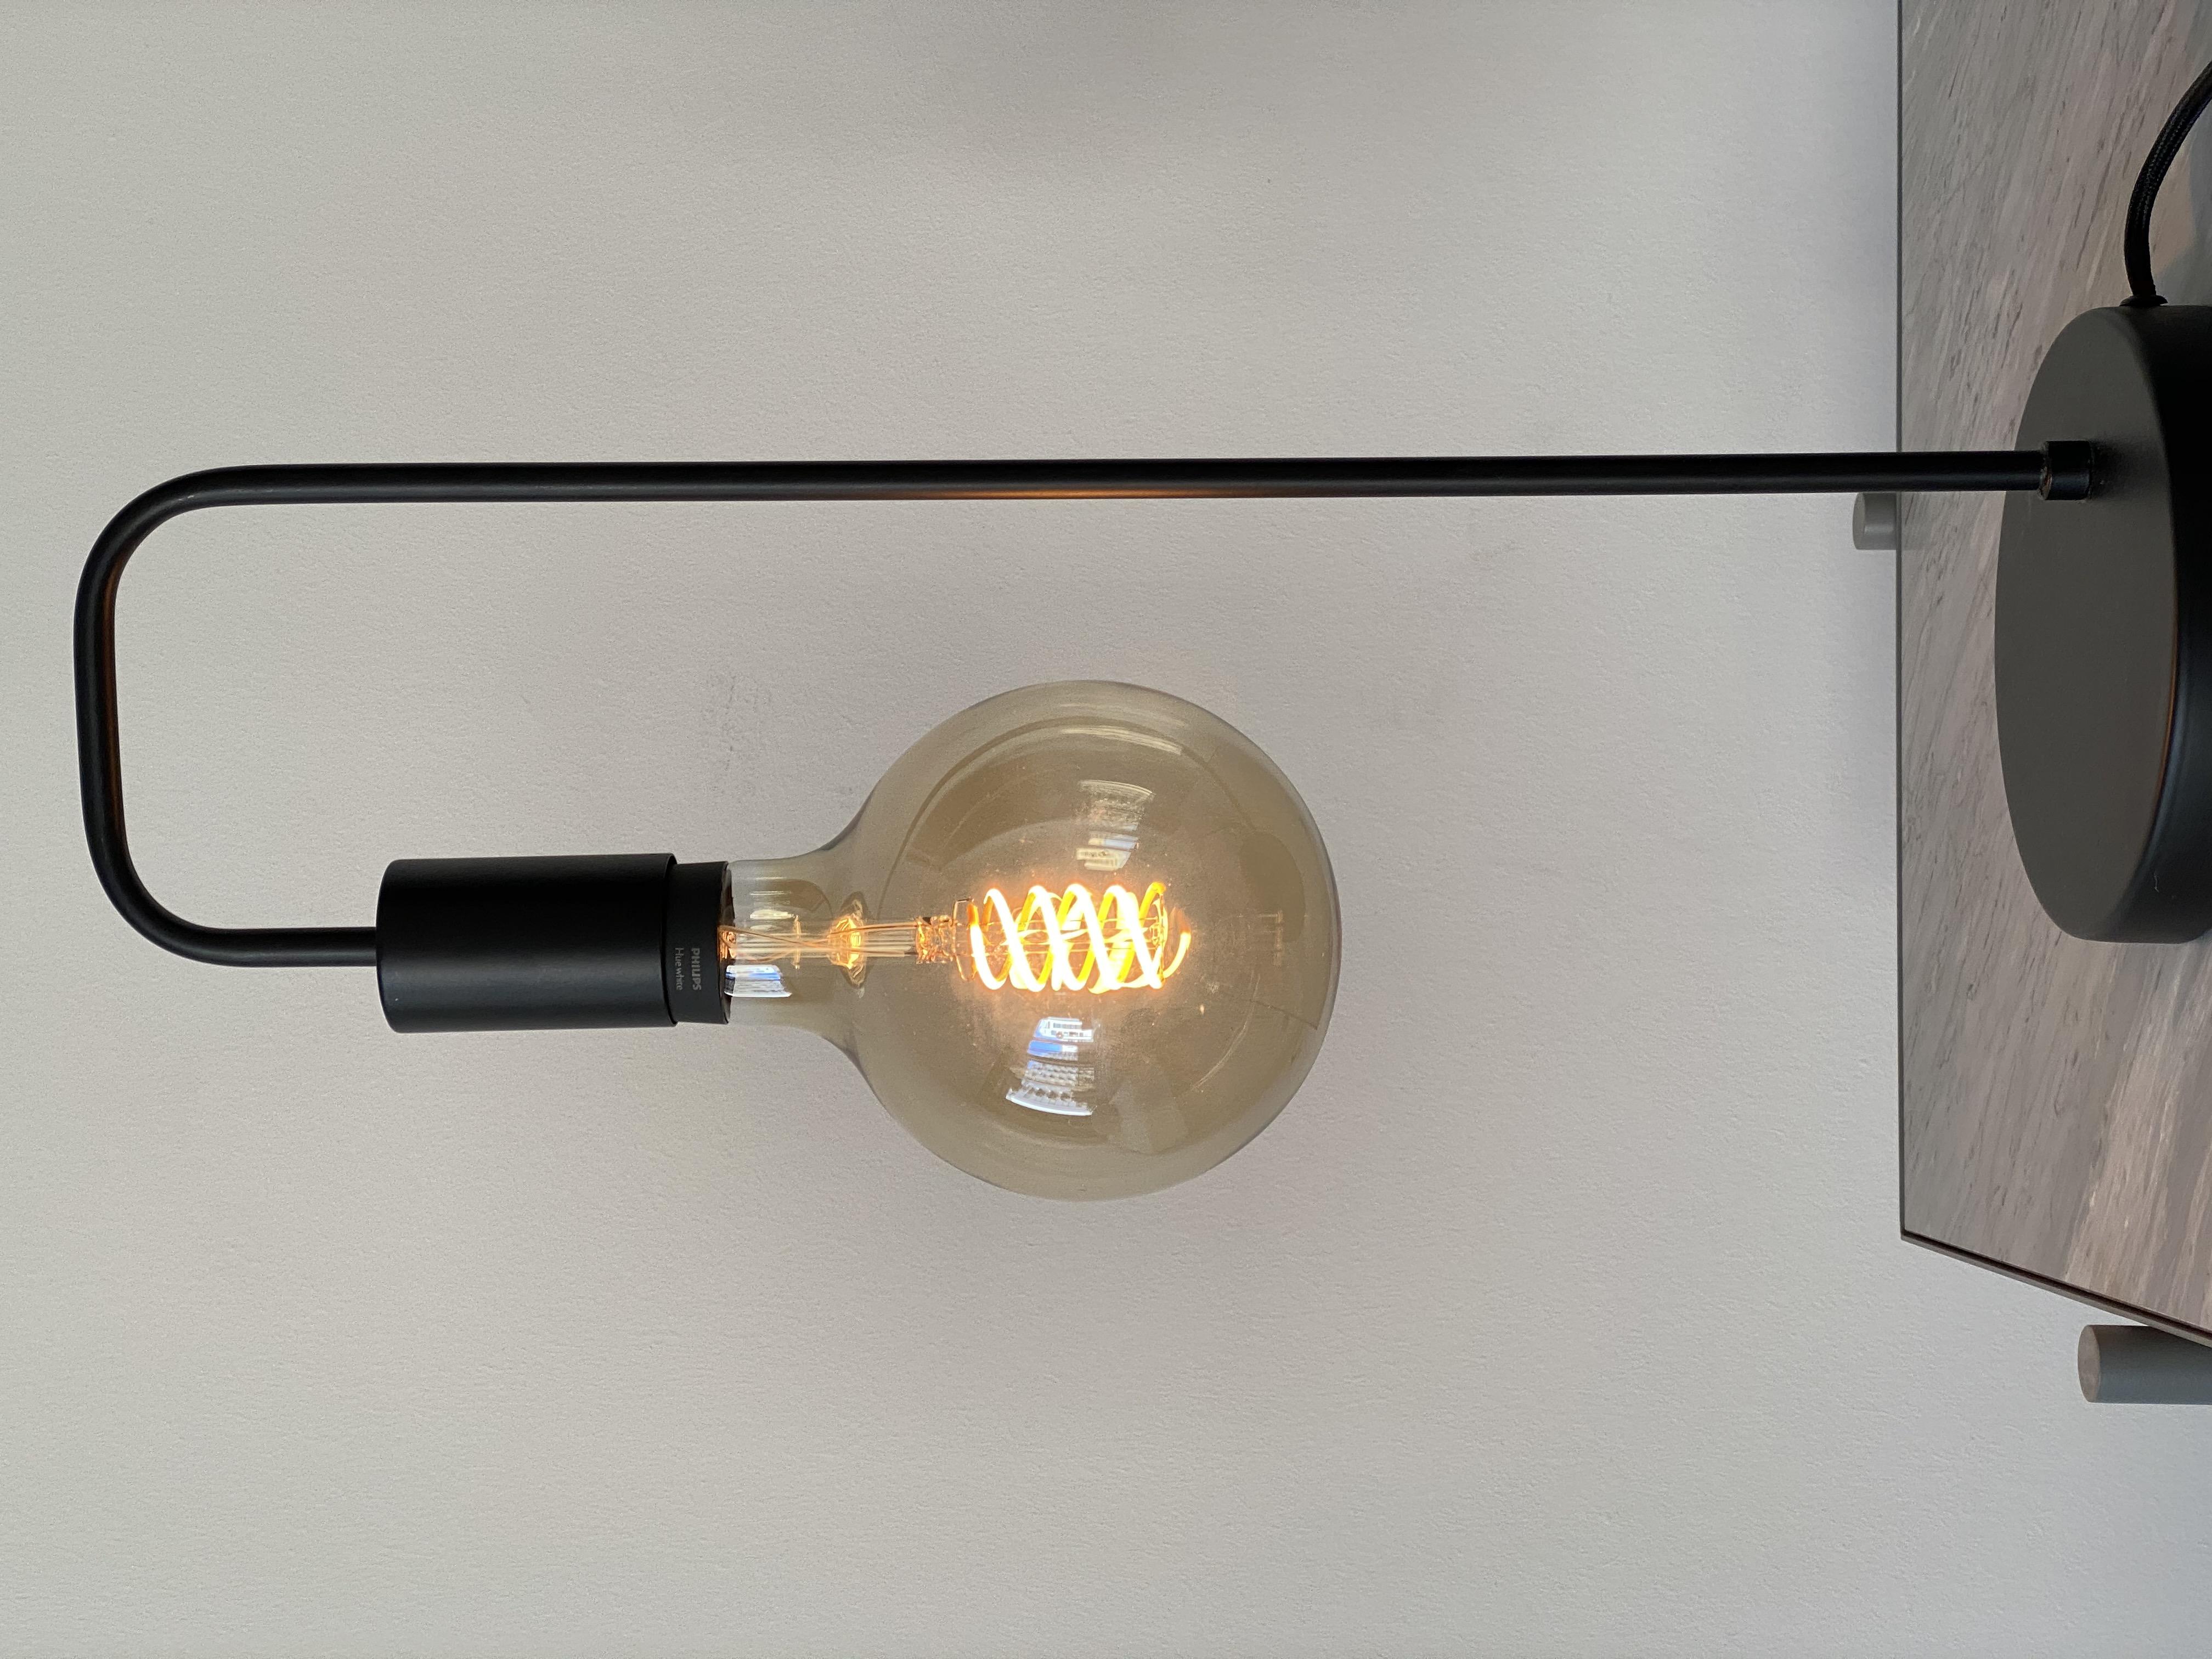 Hue Filament G125